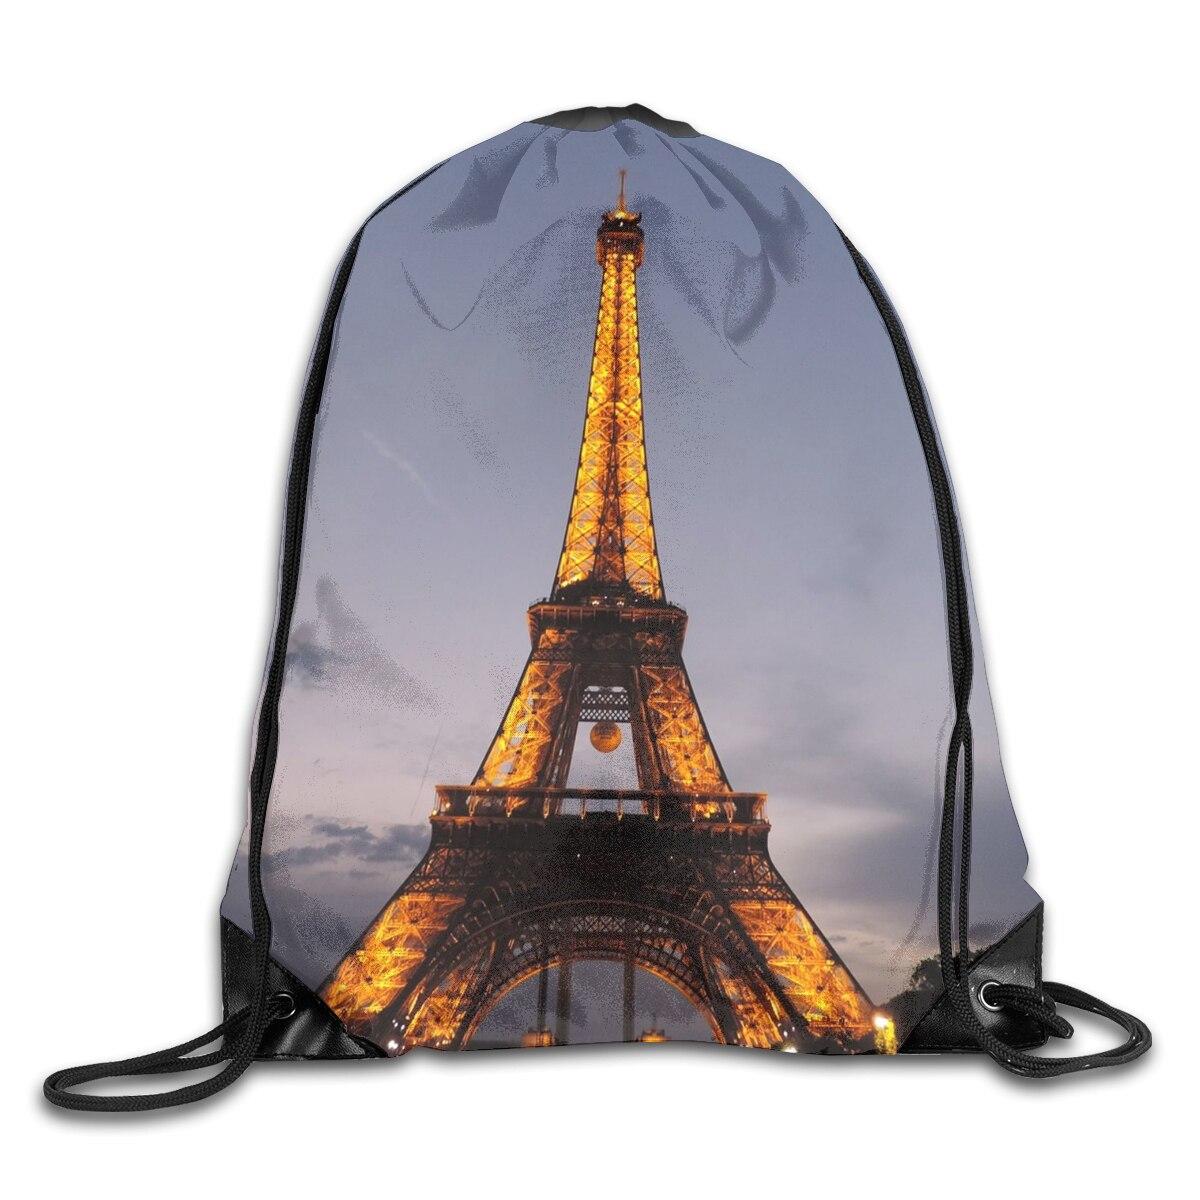 Модный мужской и женский рюкзак в Париже, легкий портативный складной спортивный дорожный ранец для фитнеса